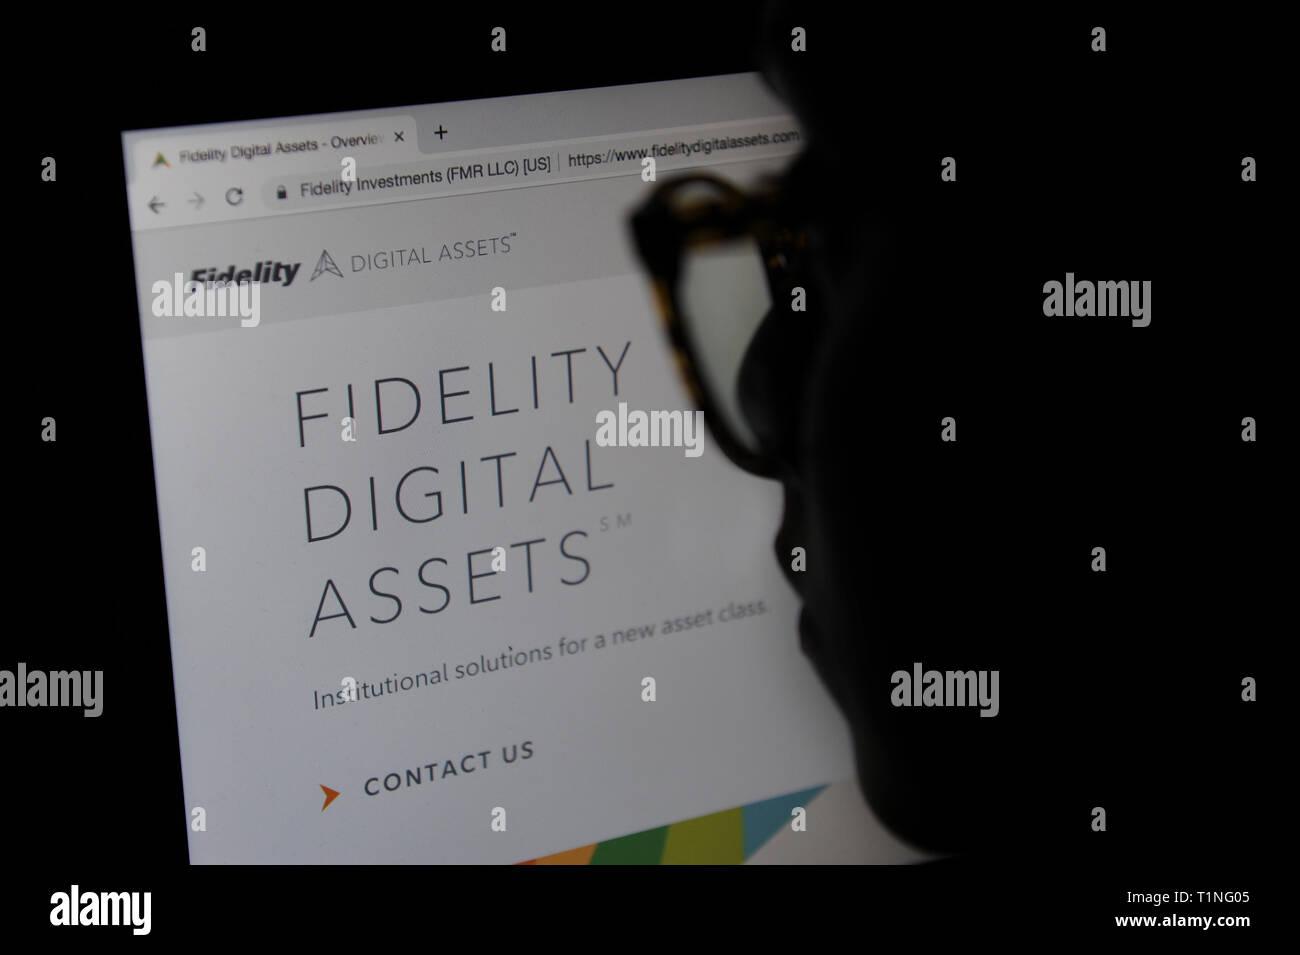 Fidelity Digital Assets website - Stock Image